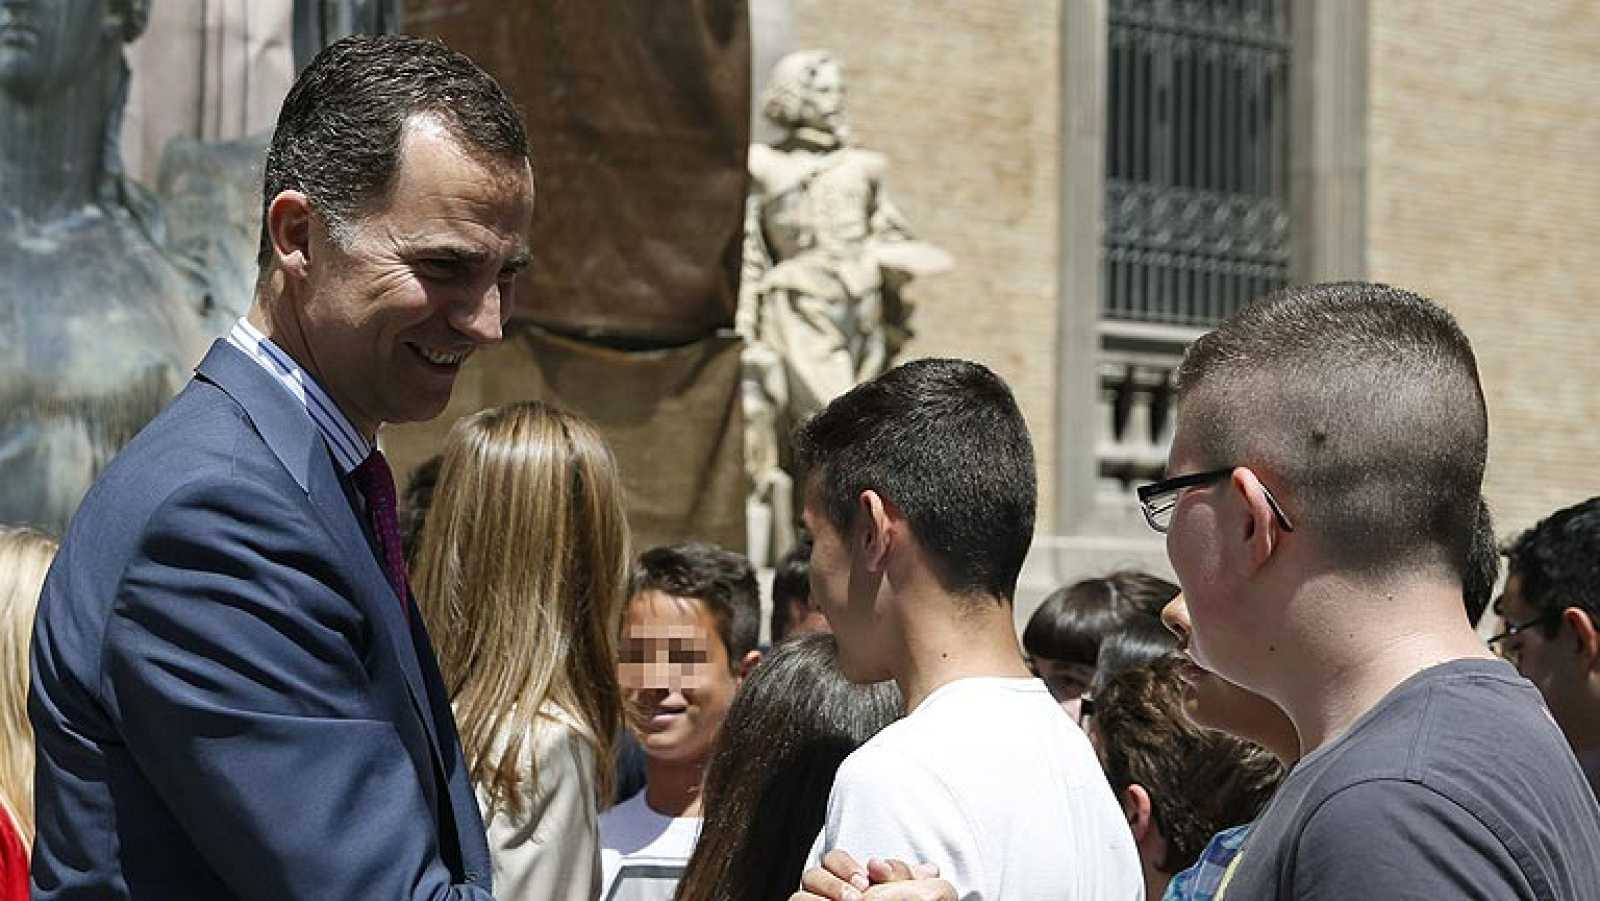 El dispositivo de seguridad para la proclamación de Felipe VI será similar al de otros grandes eventos